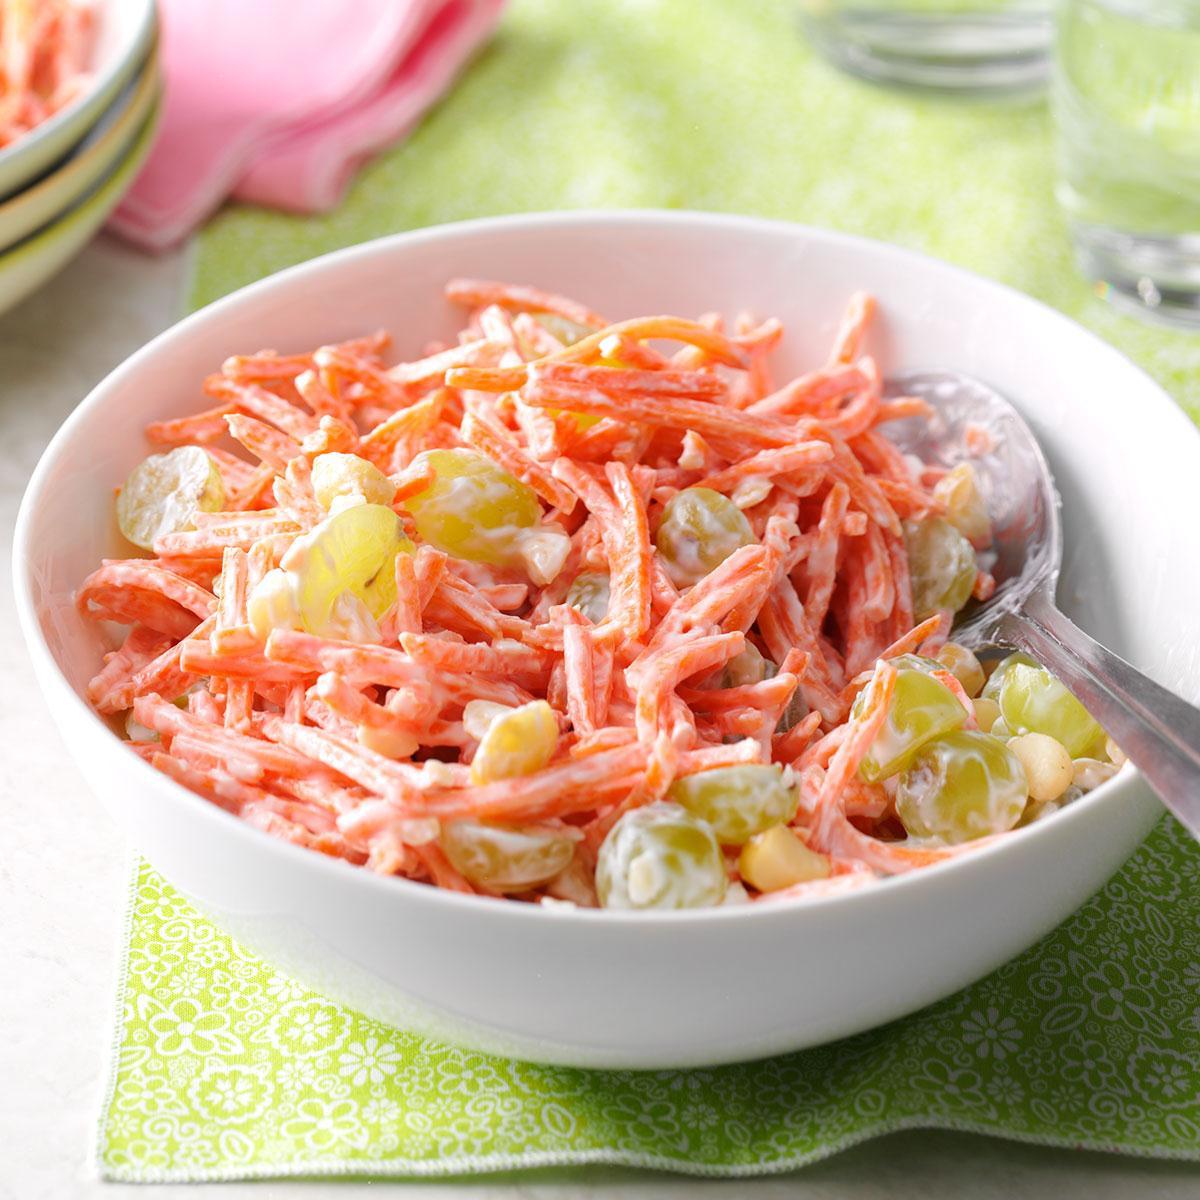 Carrot Salad Recipe  Pina Colada Carrot Salad Recipe